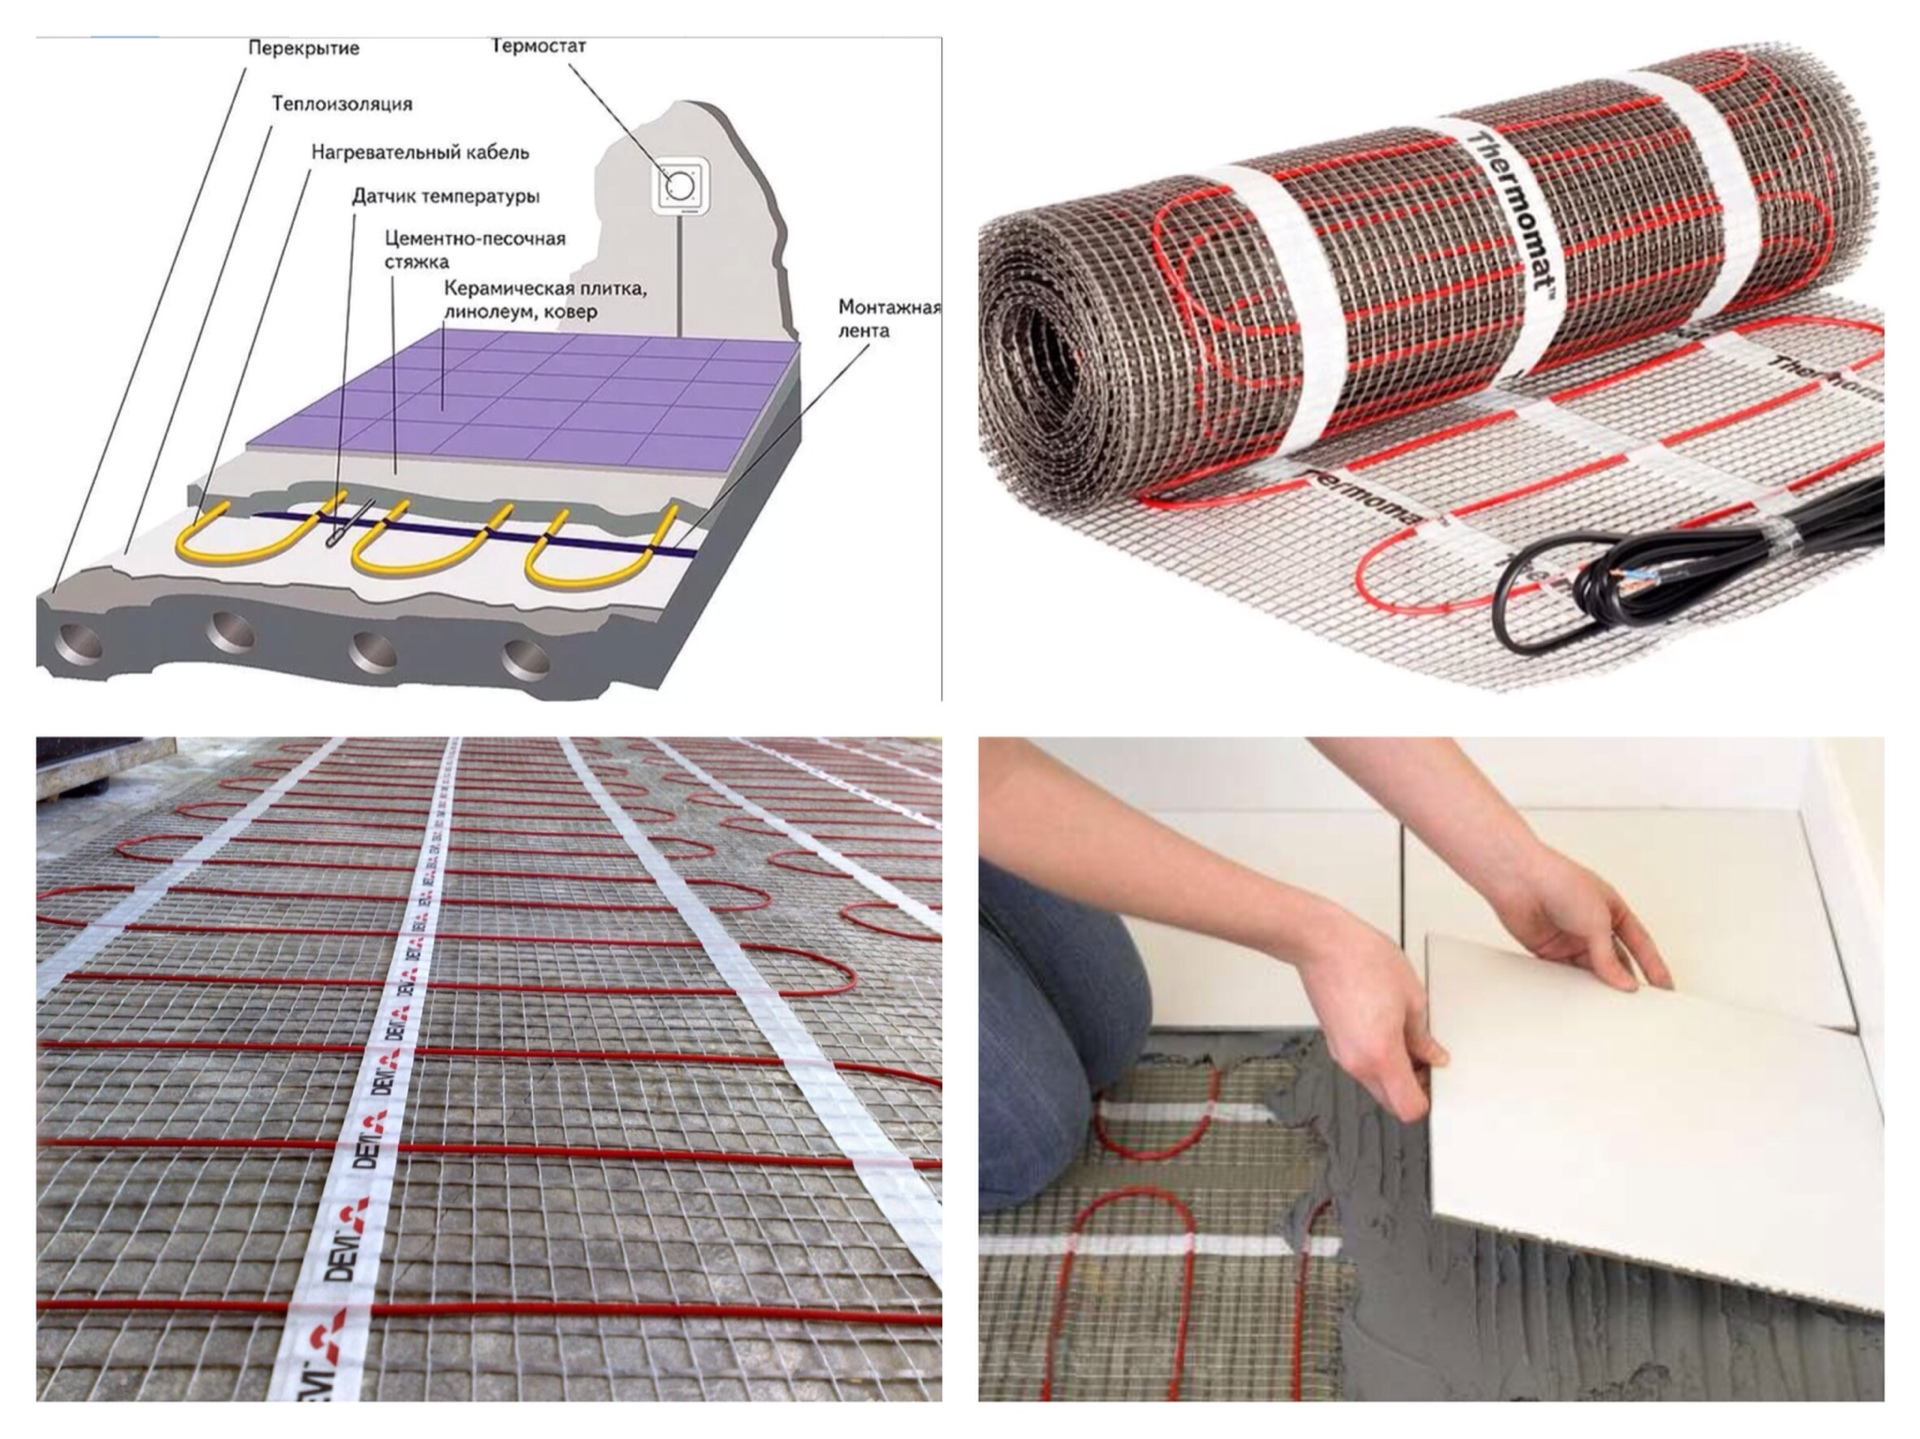 Как сделать пленочный тёплый пол под линолеум: инструкция по укладке инфракрасной системы обогрева